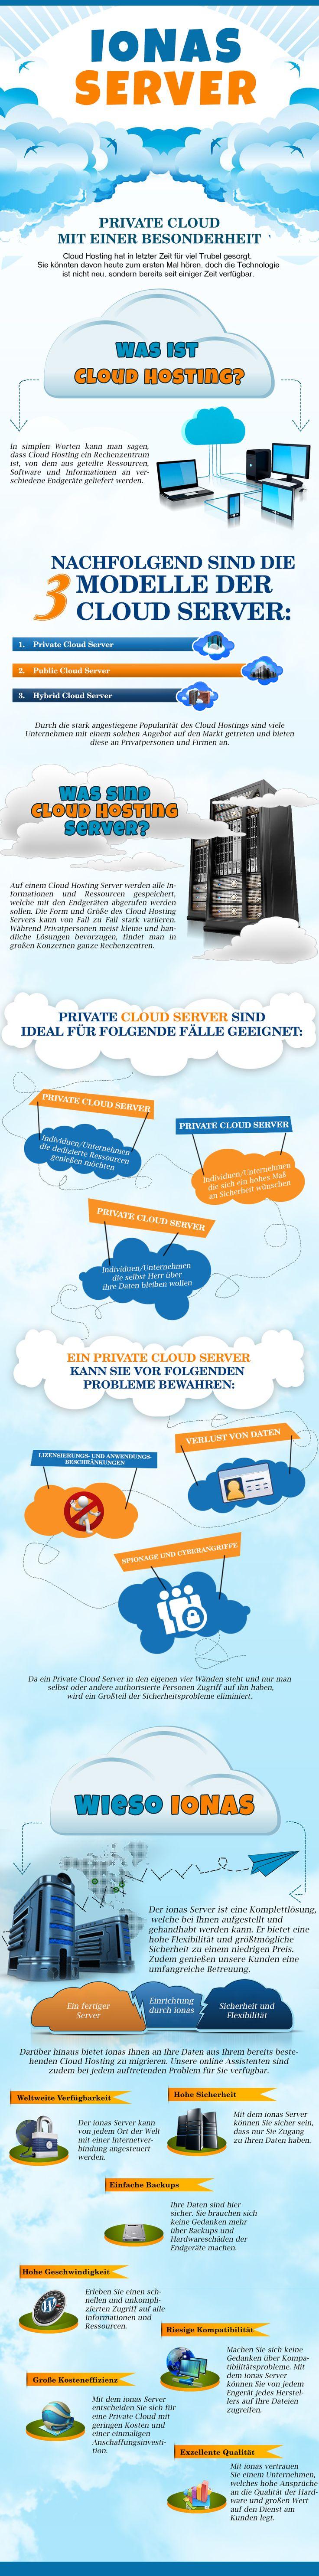 Cloud Server German  https://www.ionas-server.com/  Bei inoas-Server finden Sie das beste Online Backup, erstklassige Datensicherung und Backup Software. Jetzt hier klicken!   Online Backup,Datensicherung,Backup Software,private Cloud,ionas-Server